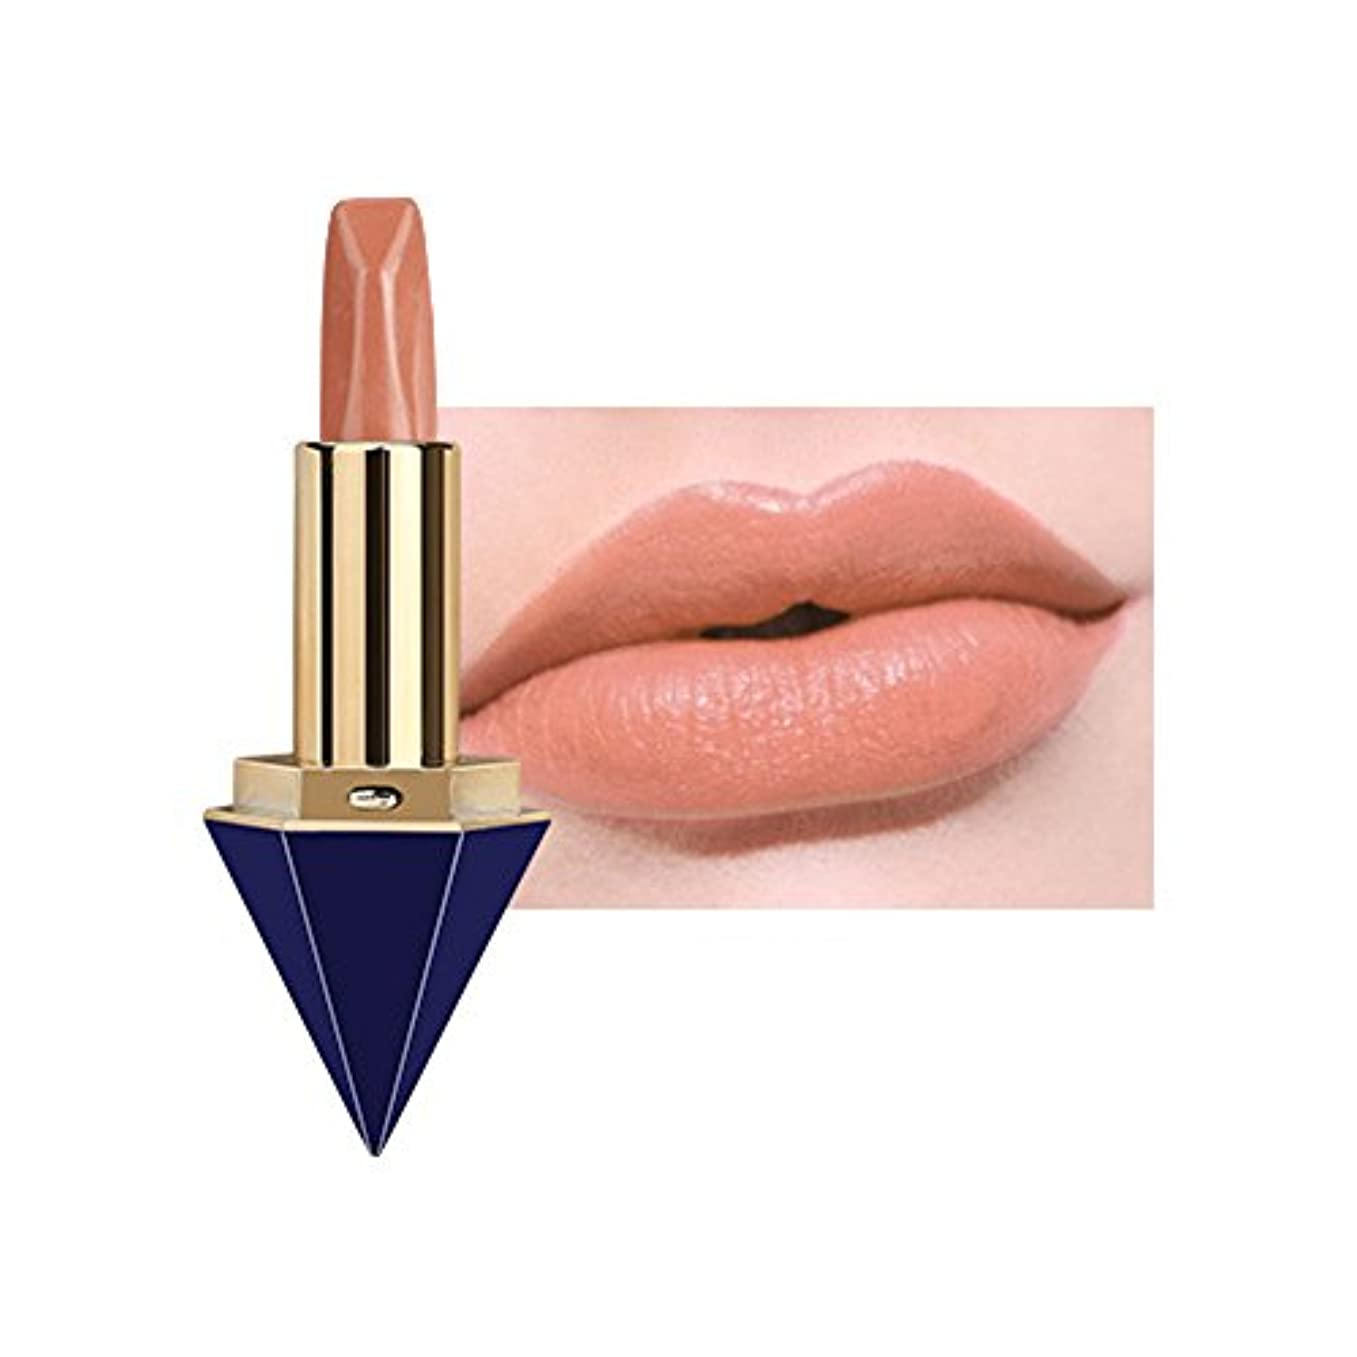 同種の道乳白色Doitsa リップグロス 液体リップ 口紅 メイク 唇 美容 化粧 防水 明るい マット スムース 魅力 多彩 防水 人気 おしゃれ レディース